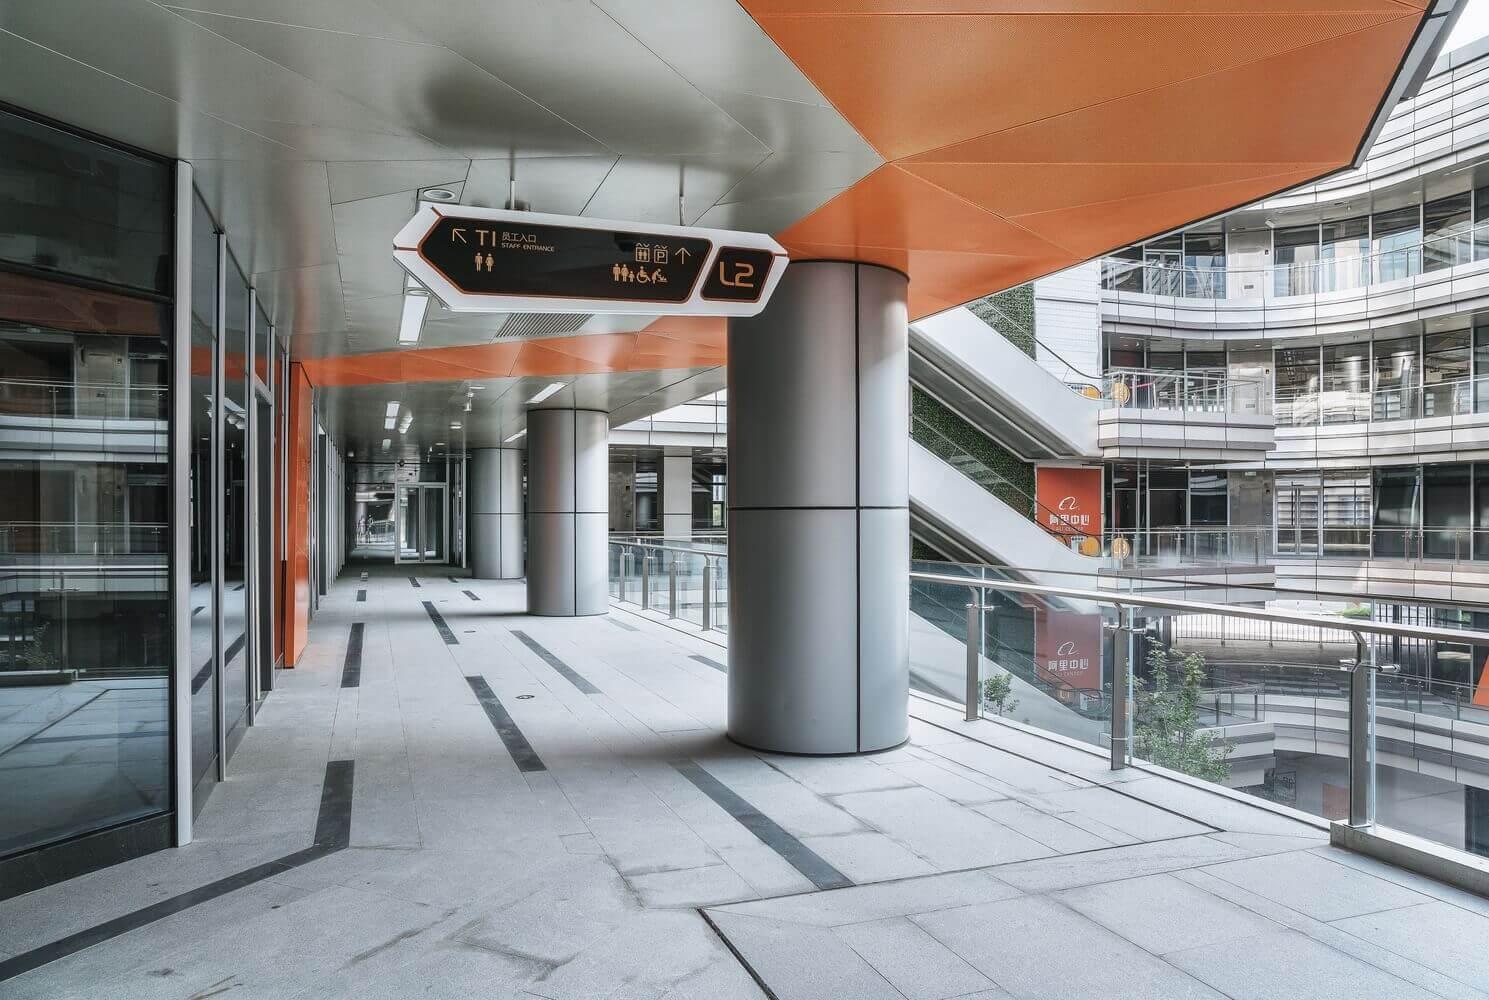 开敞自然的城市空间:上海虹桥阿里中心设计